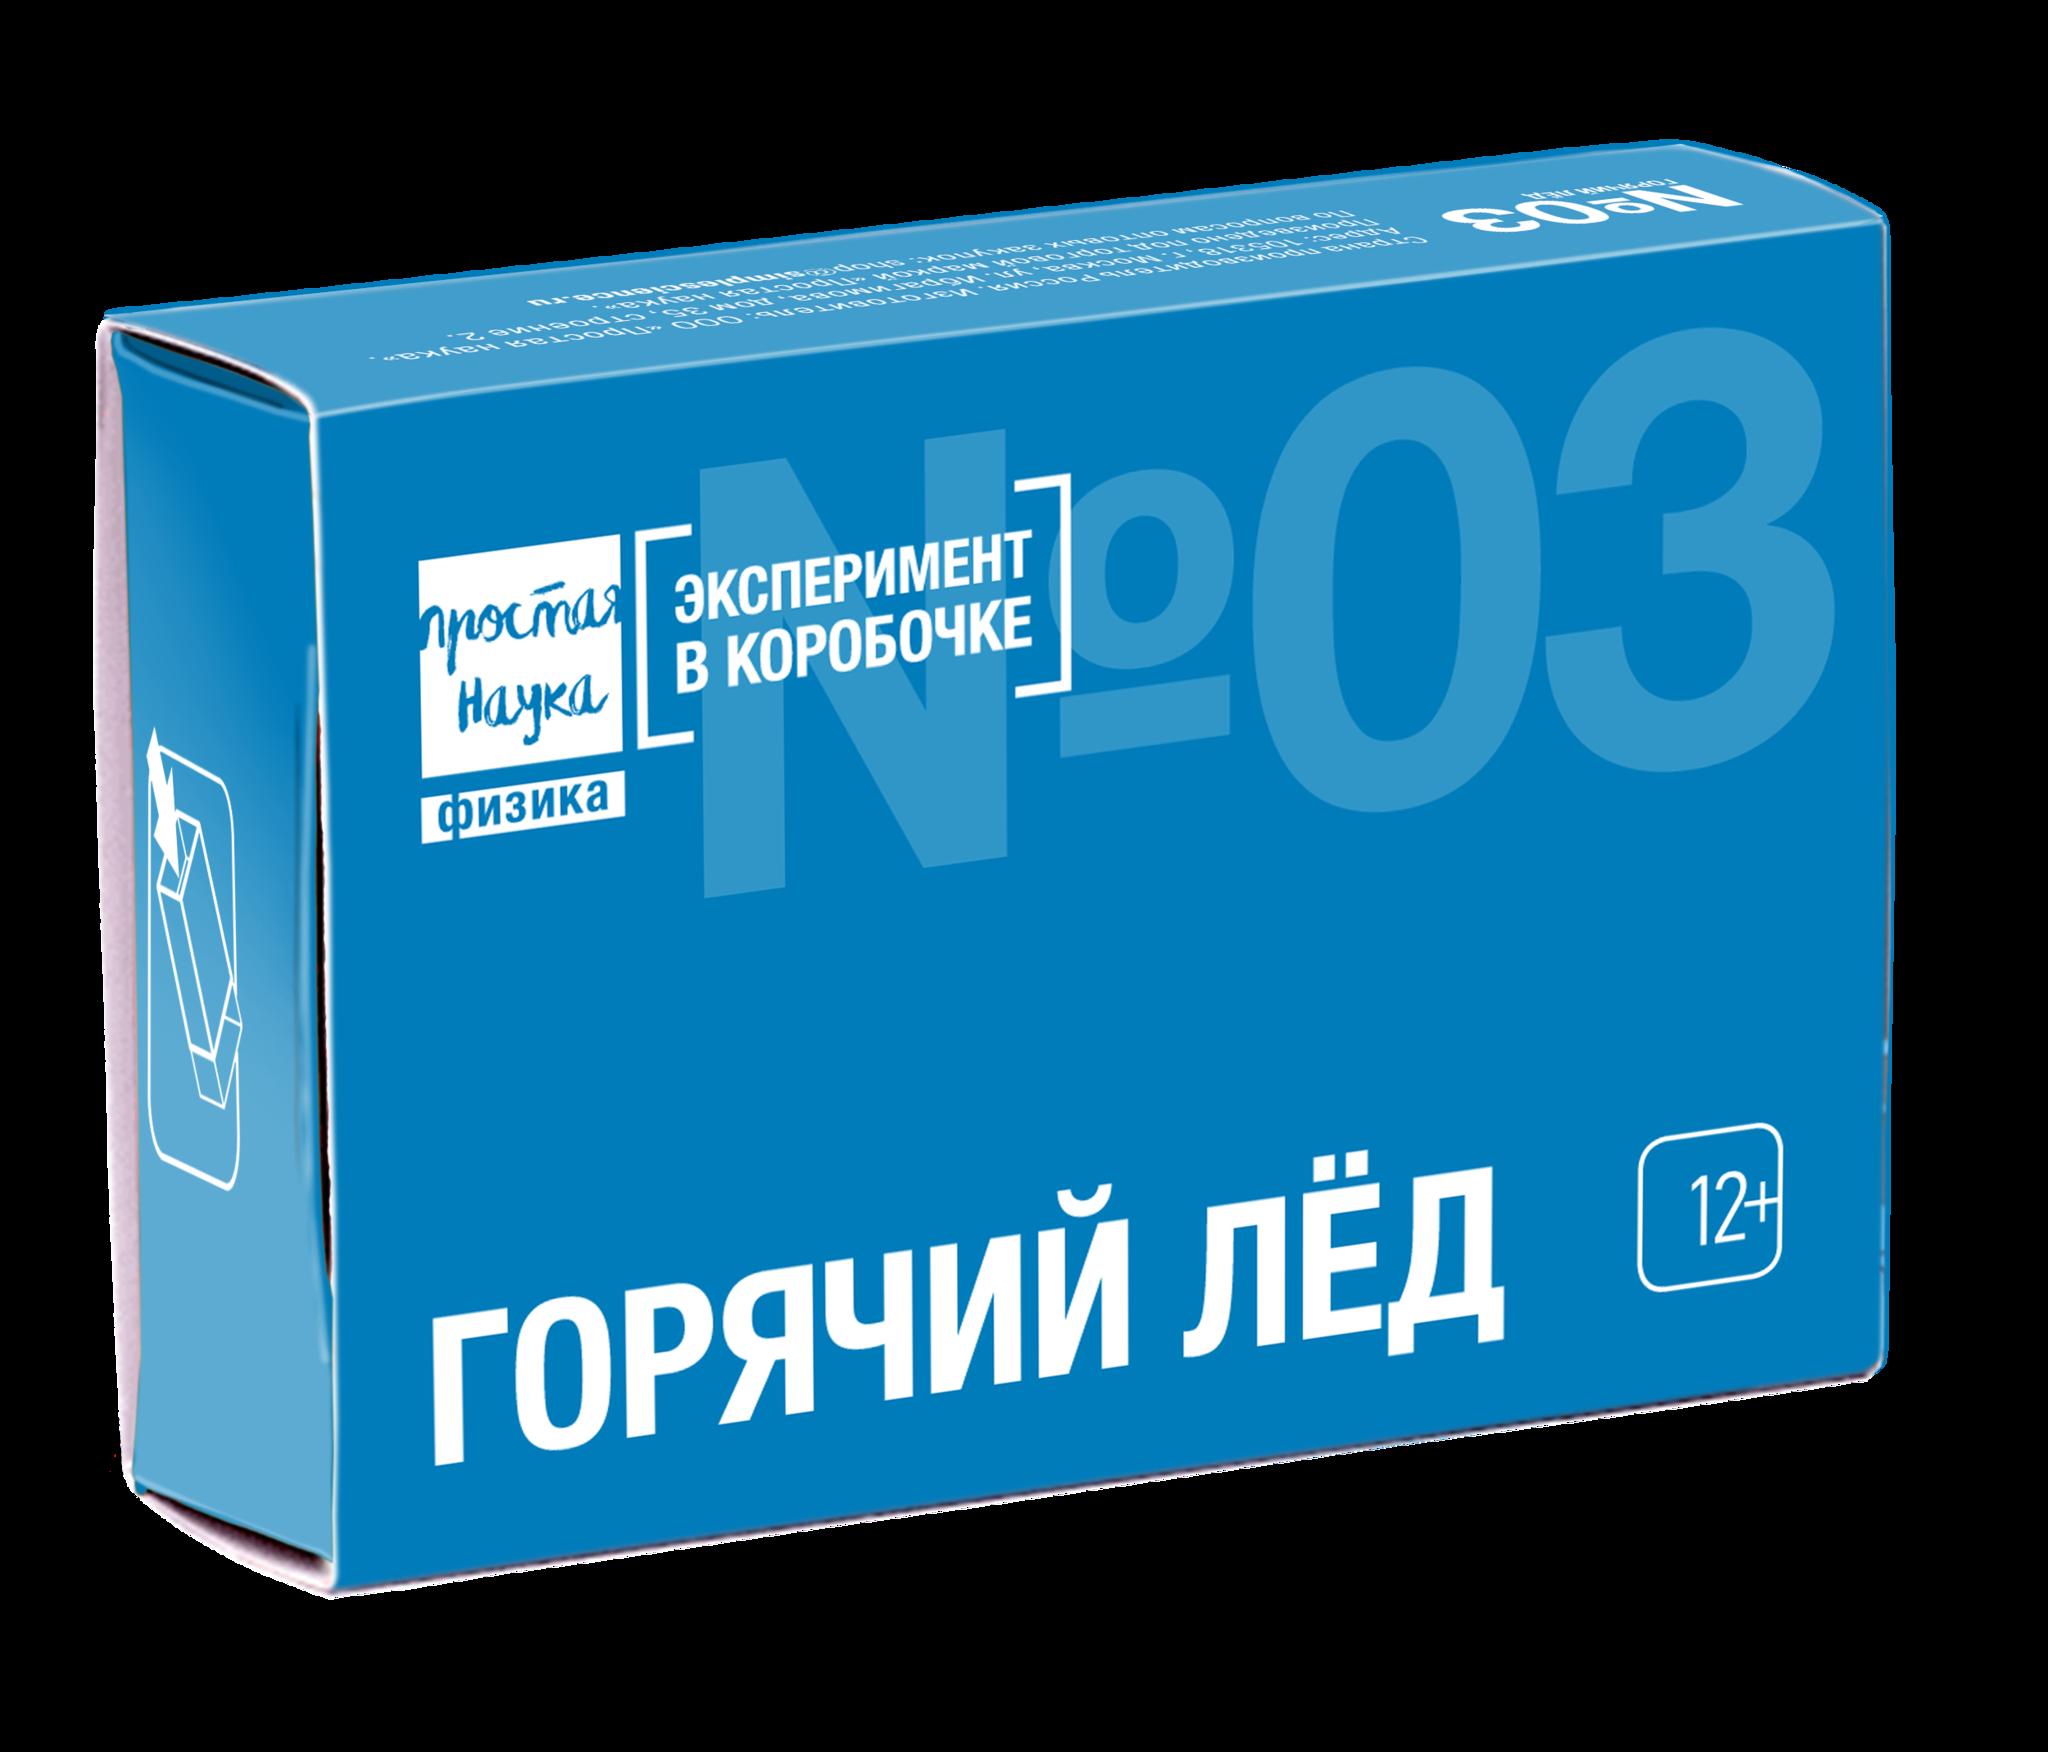 Набор №03 - Горячий лед - Эксперимент в коробочке - Простая Наука